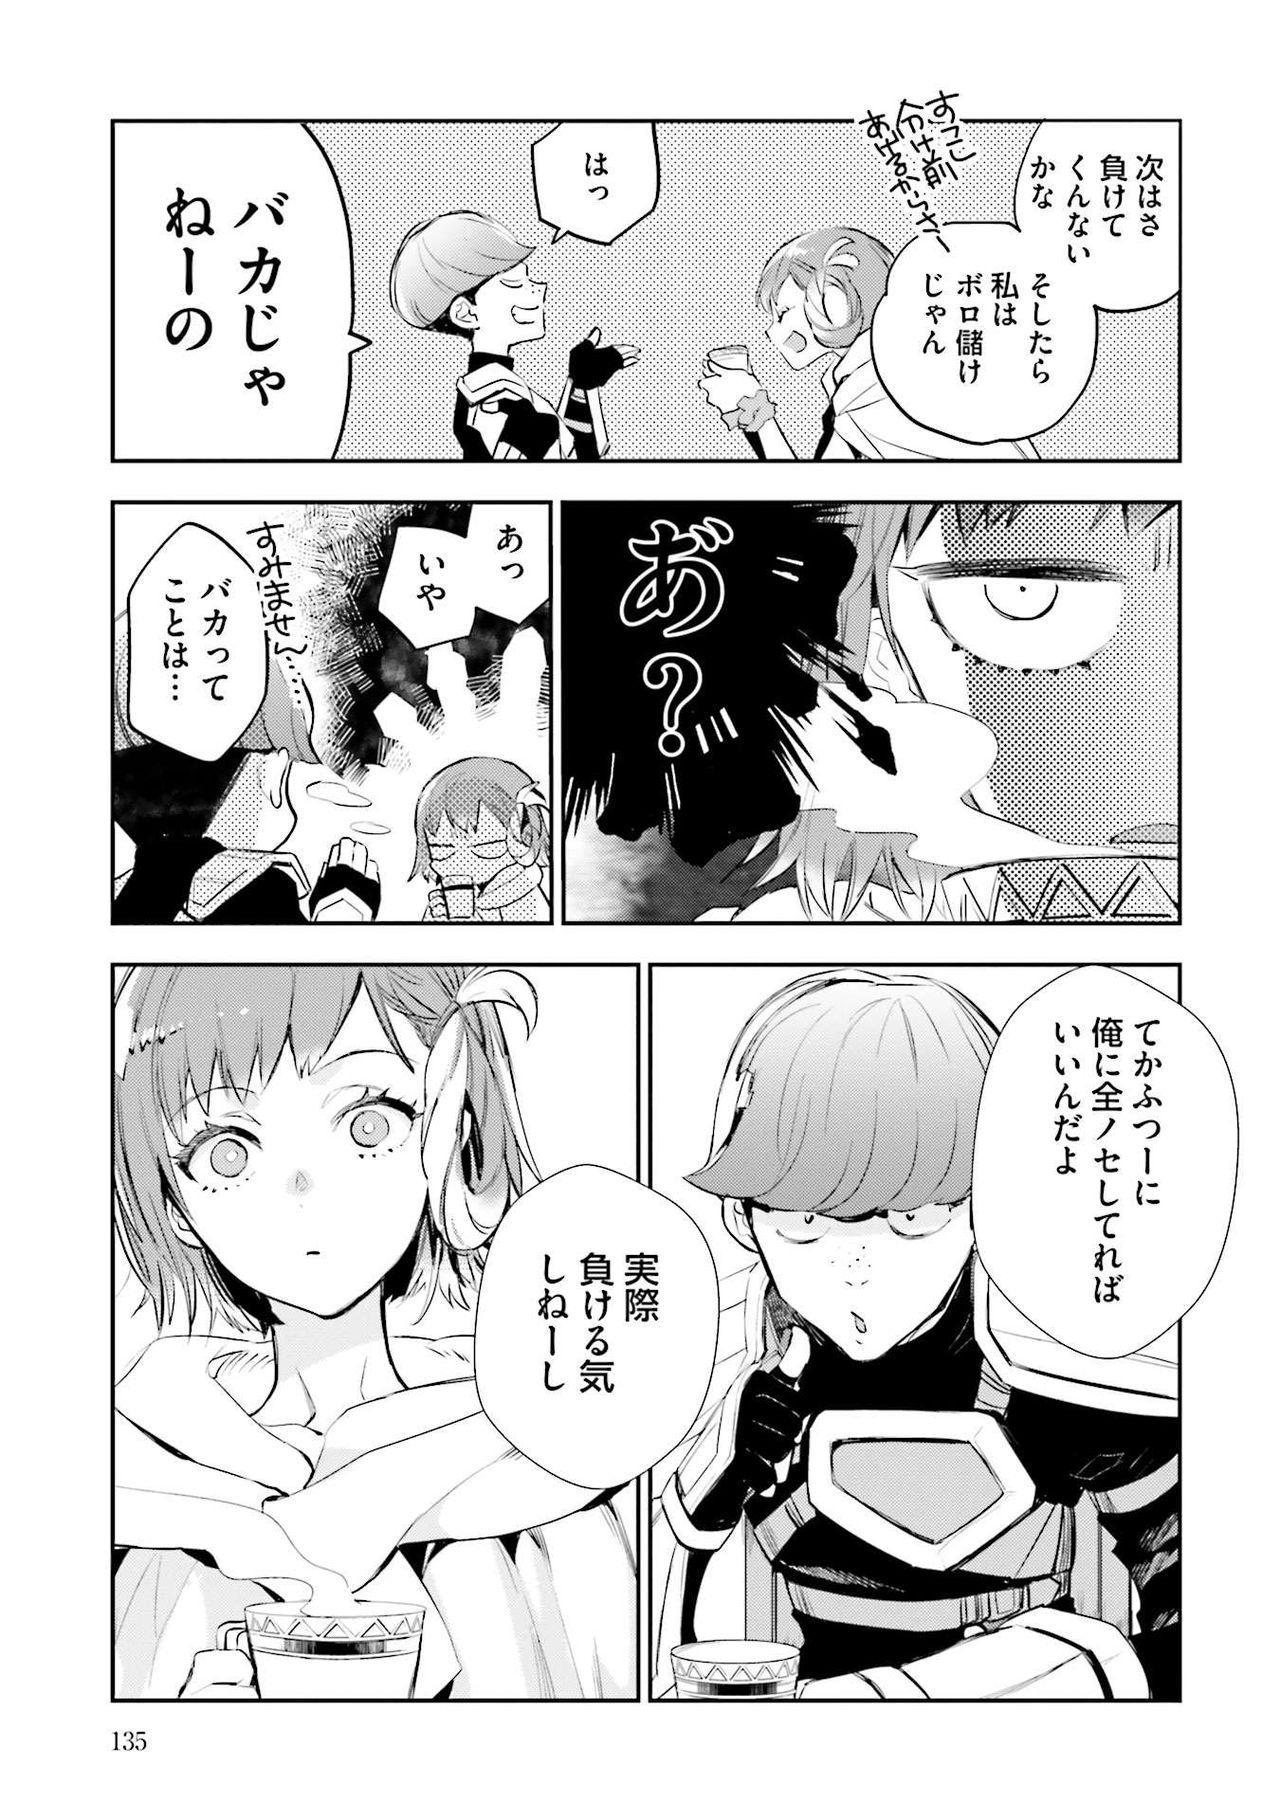 JK Haru wa Isekai de Shoufu ni Natta 1-14 136